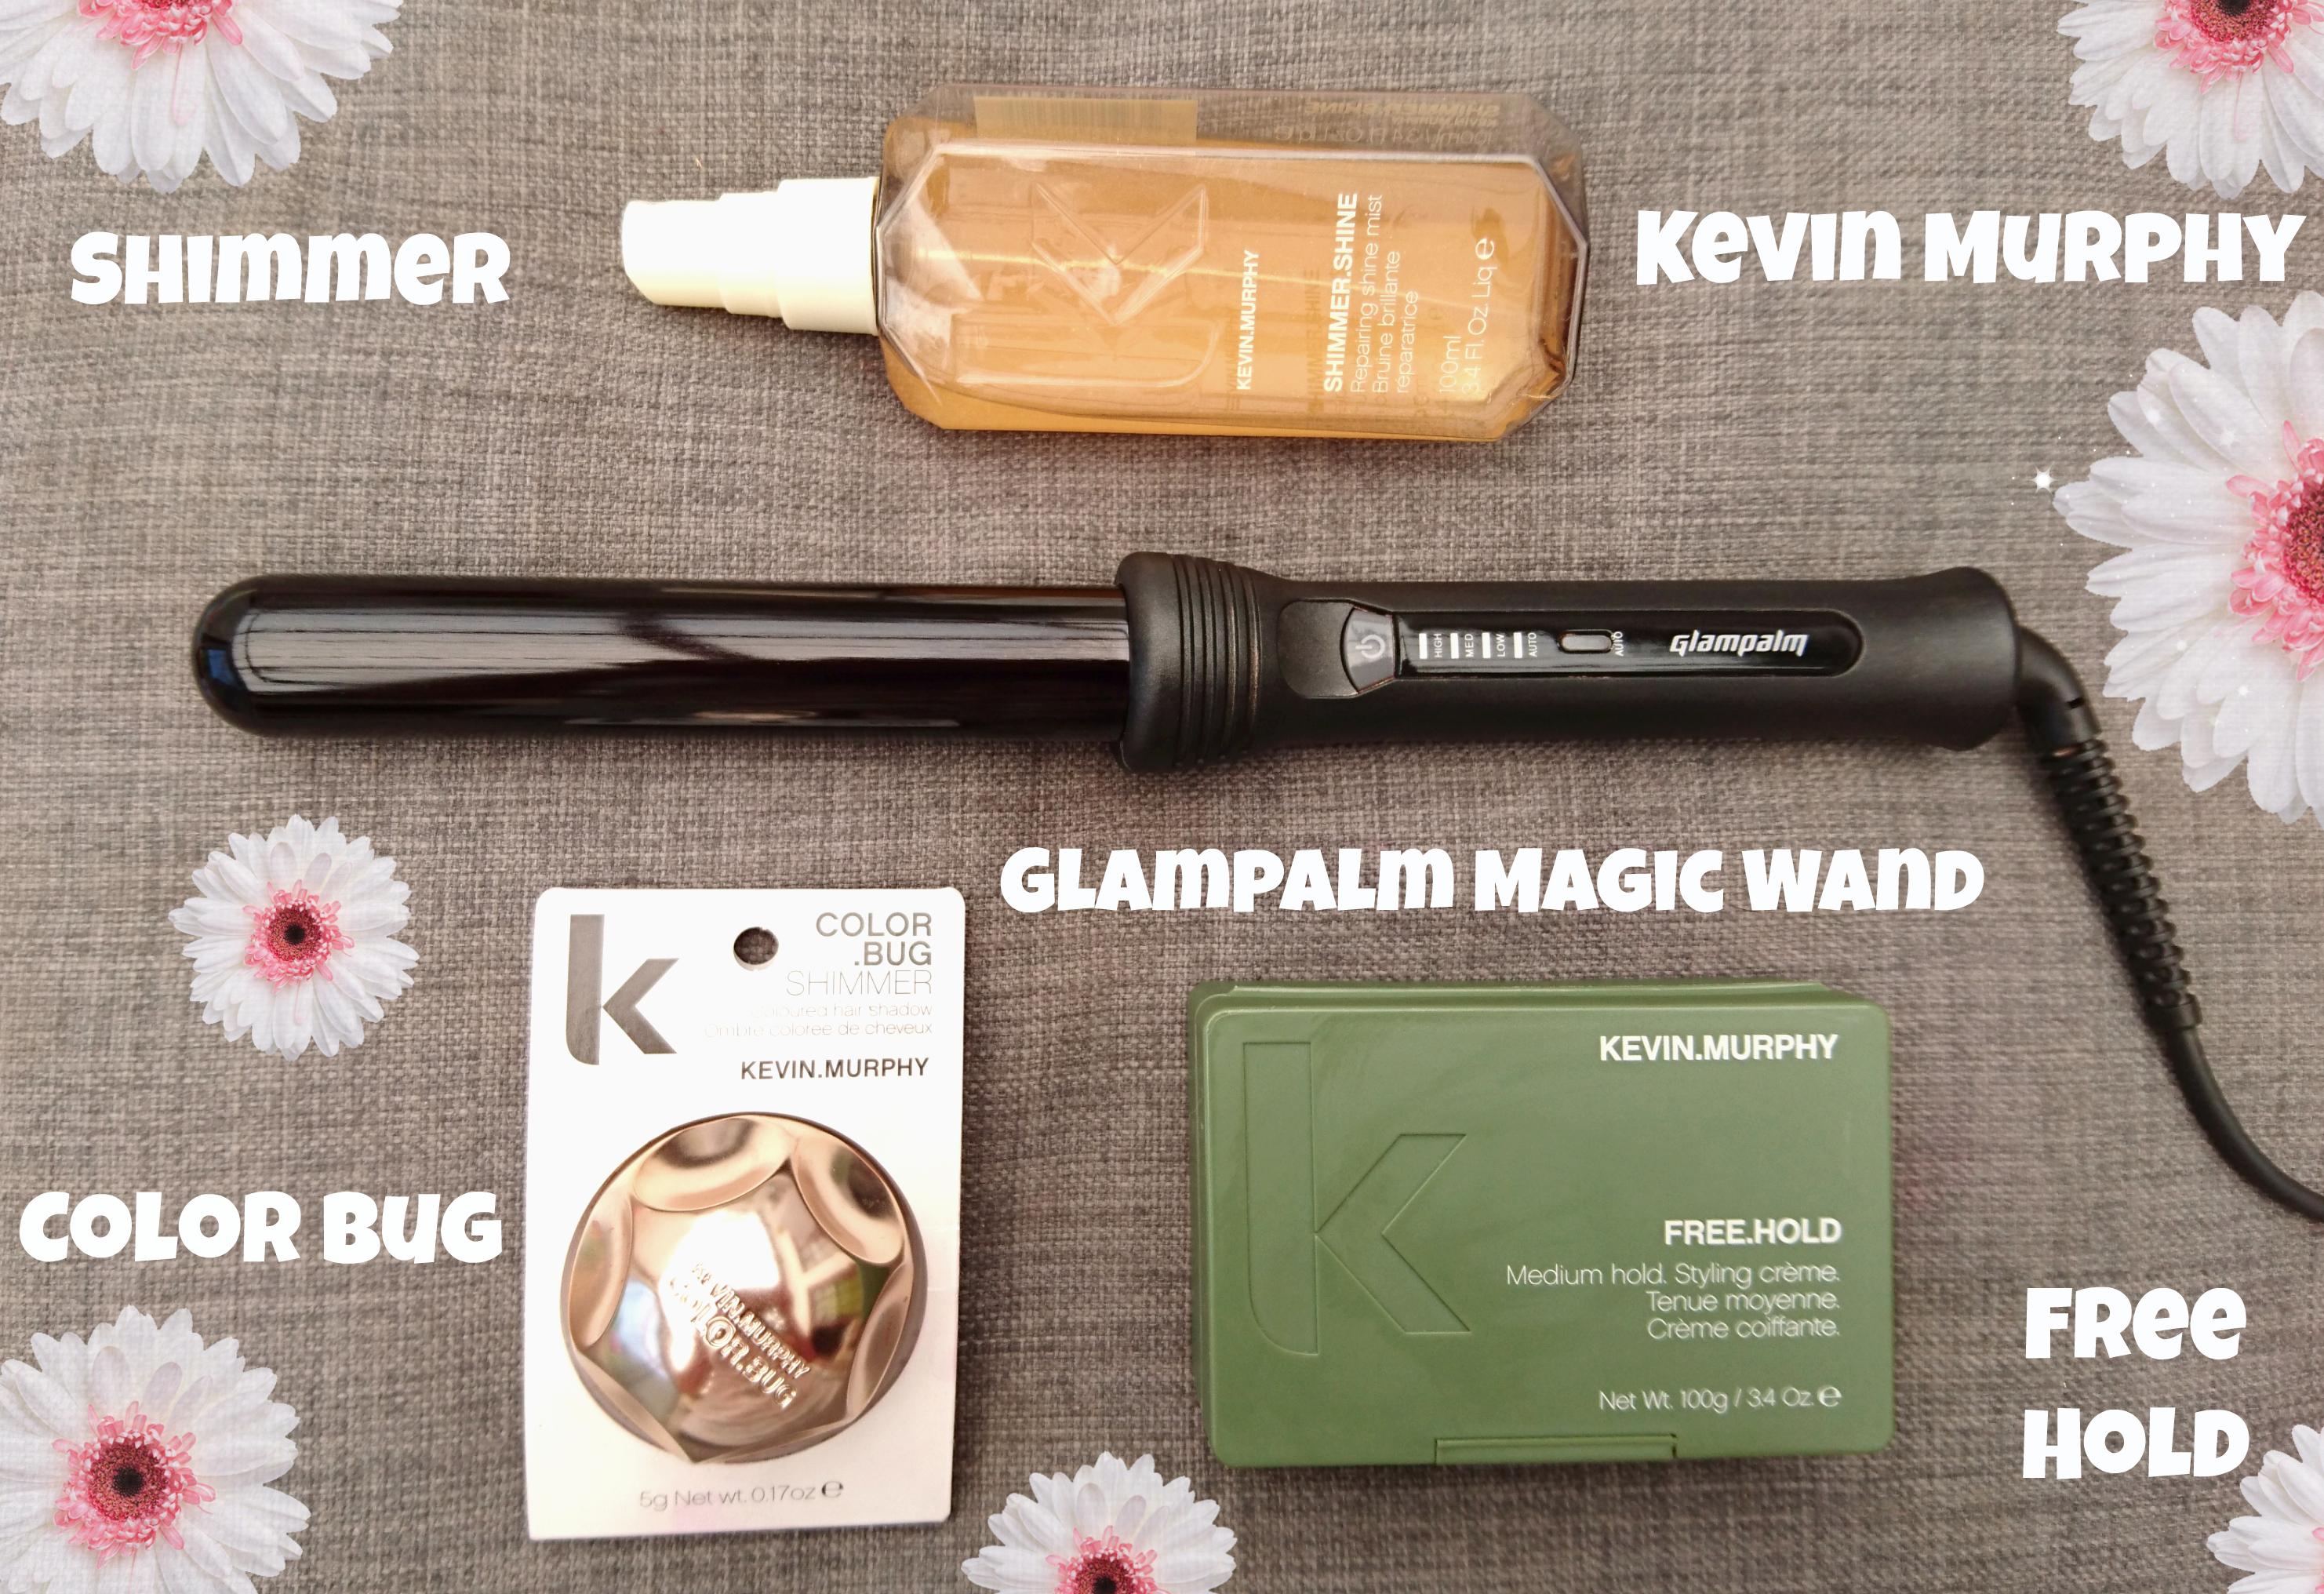 Glampalm Magic wand.jpg